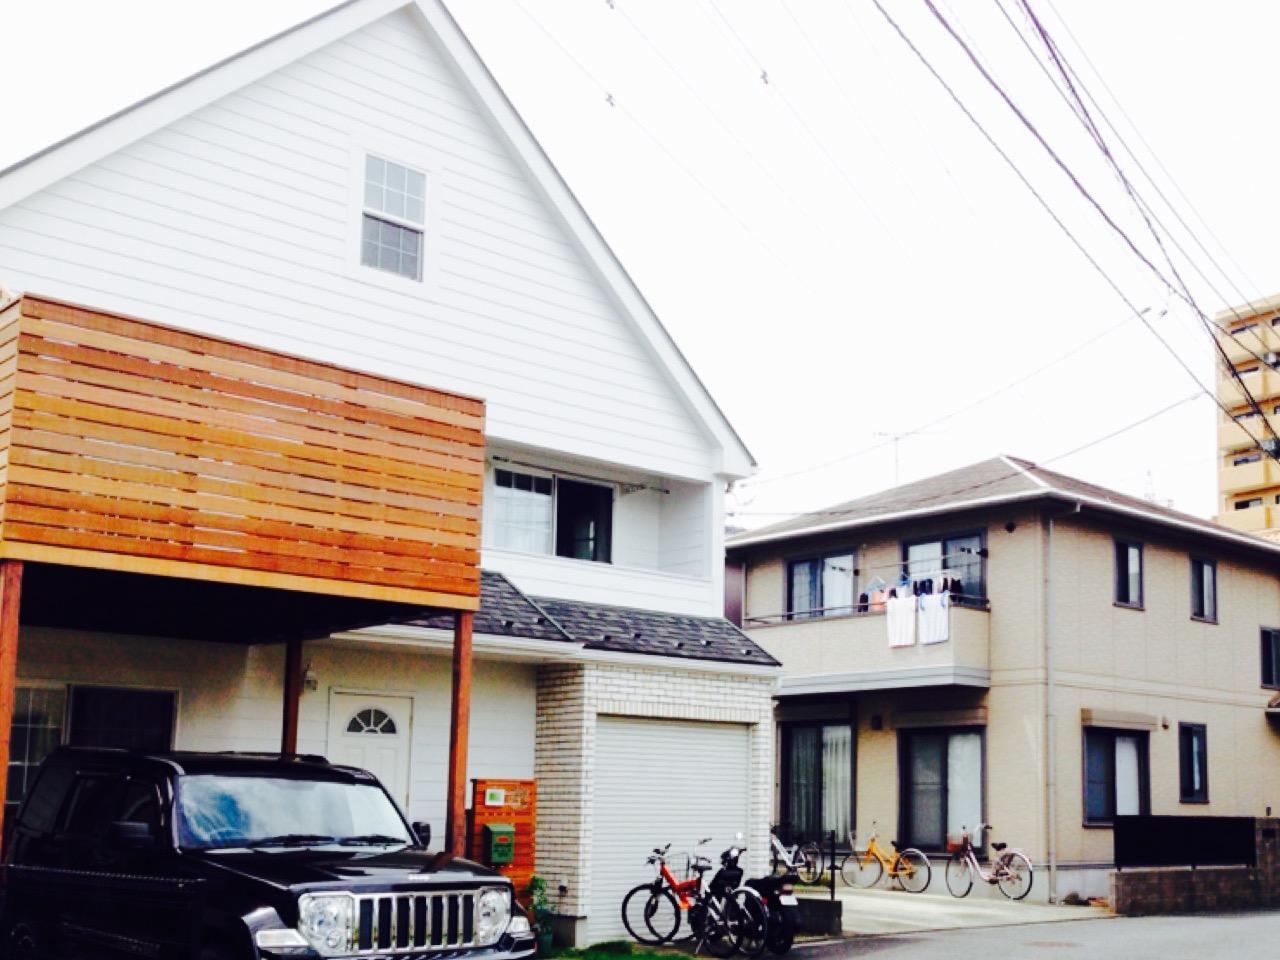 P直進 左側(三角屋根の家)